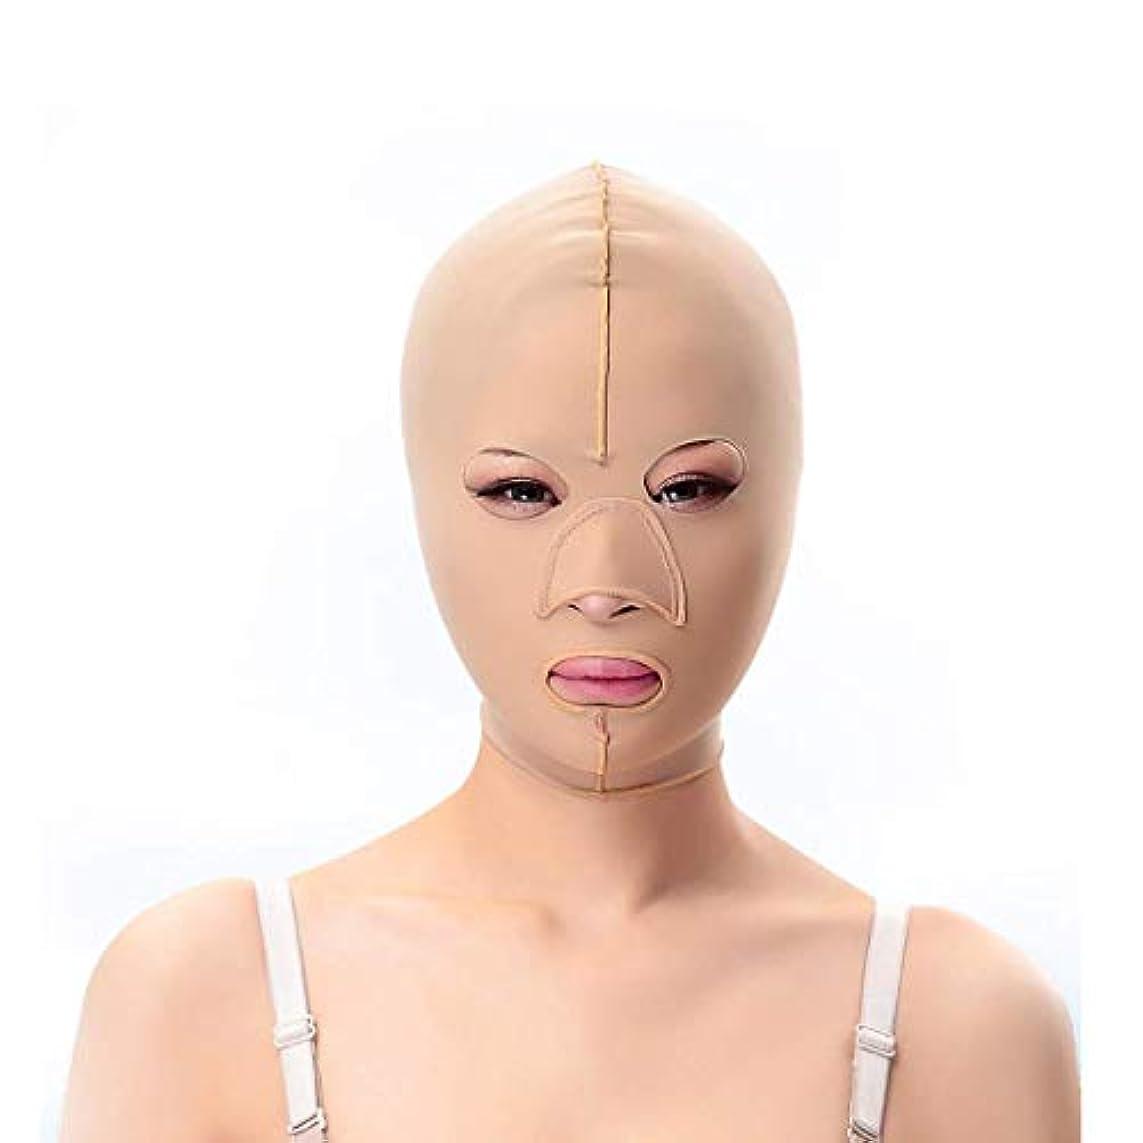 感情ルート私のスリミングベルト、フェイシャルマスク薄いフェイスマスク布布パターンリフティングダブルあご引き締めフェイシャルプラスチック顔アーティファクト強力な顔包帯(サイズ:M)